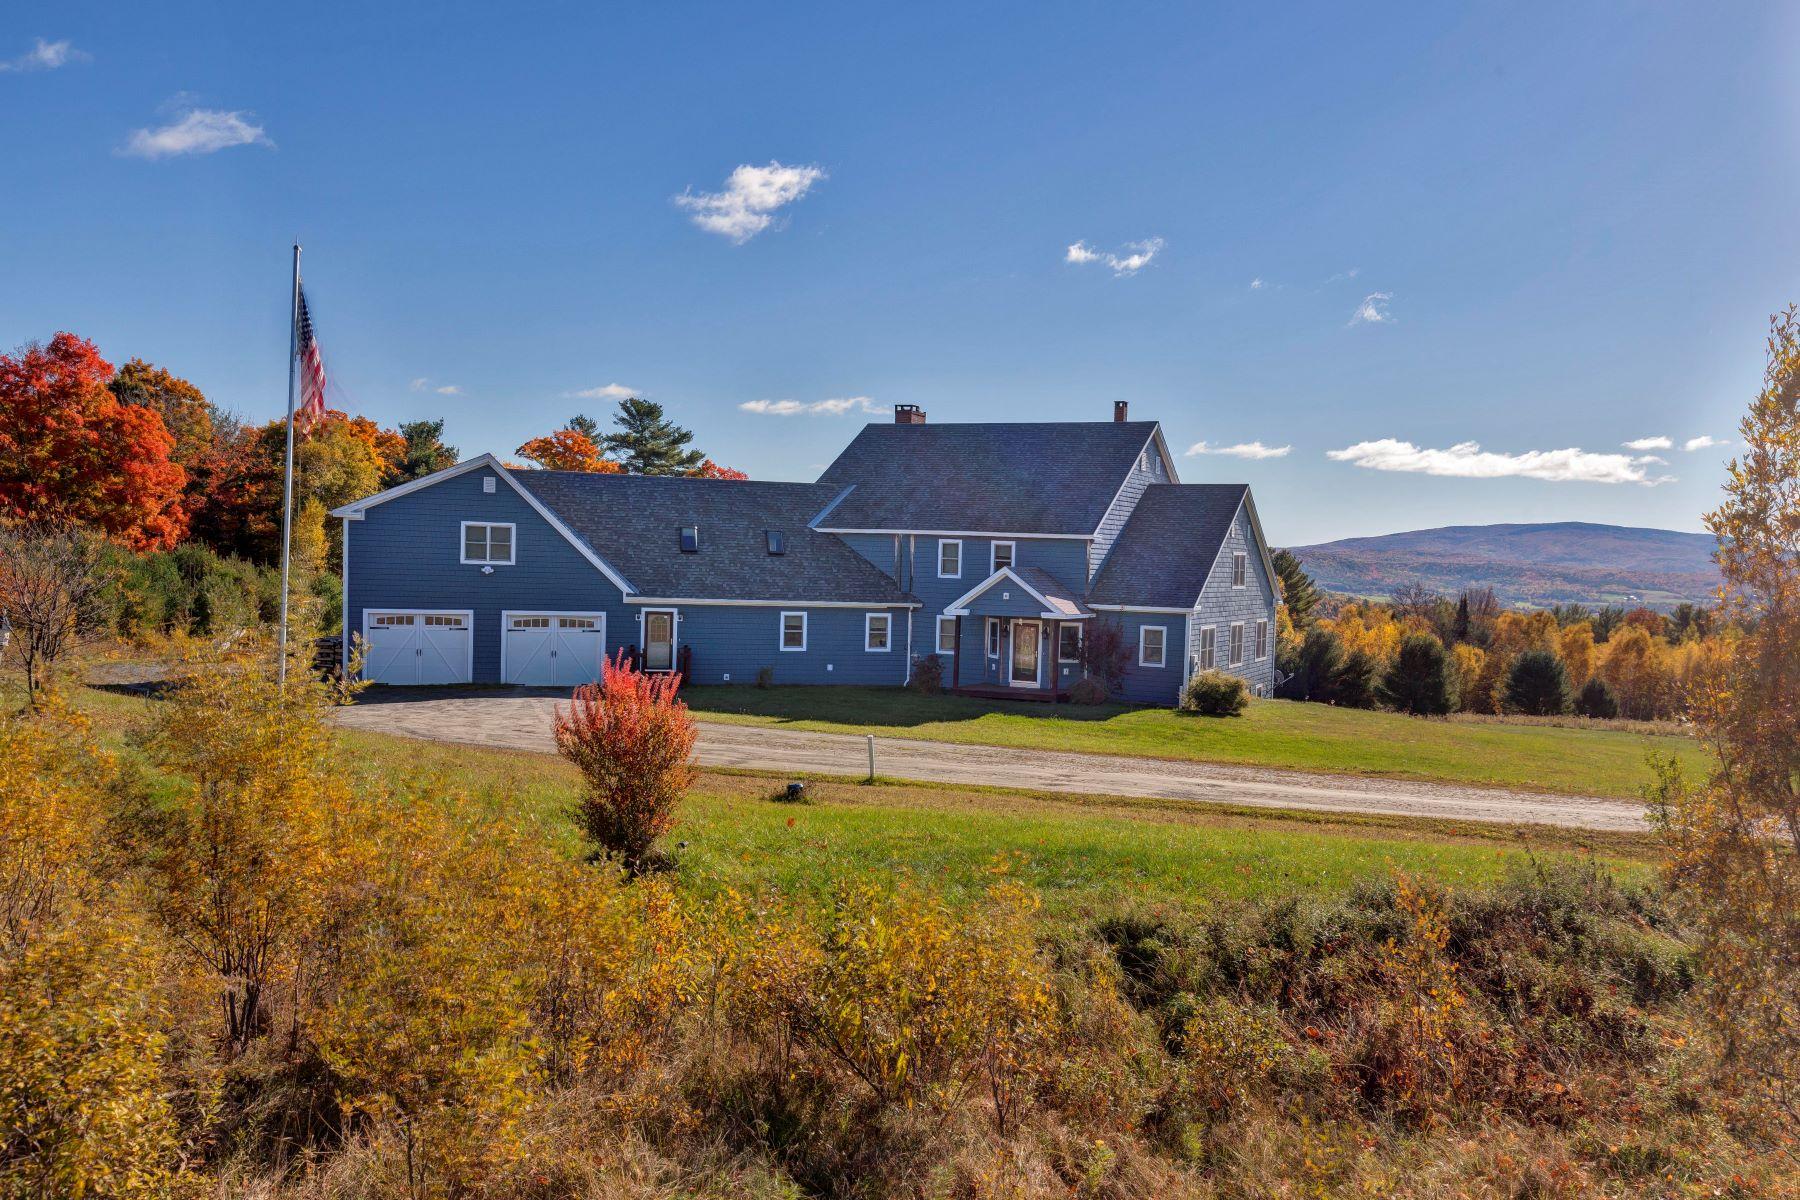 Villa per Vendita alle ore 1235 Rogers Hill Road, Newbury 1235 Rogers Hill Rd Newbury, Vermont, 05051 Stati Uniti